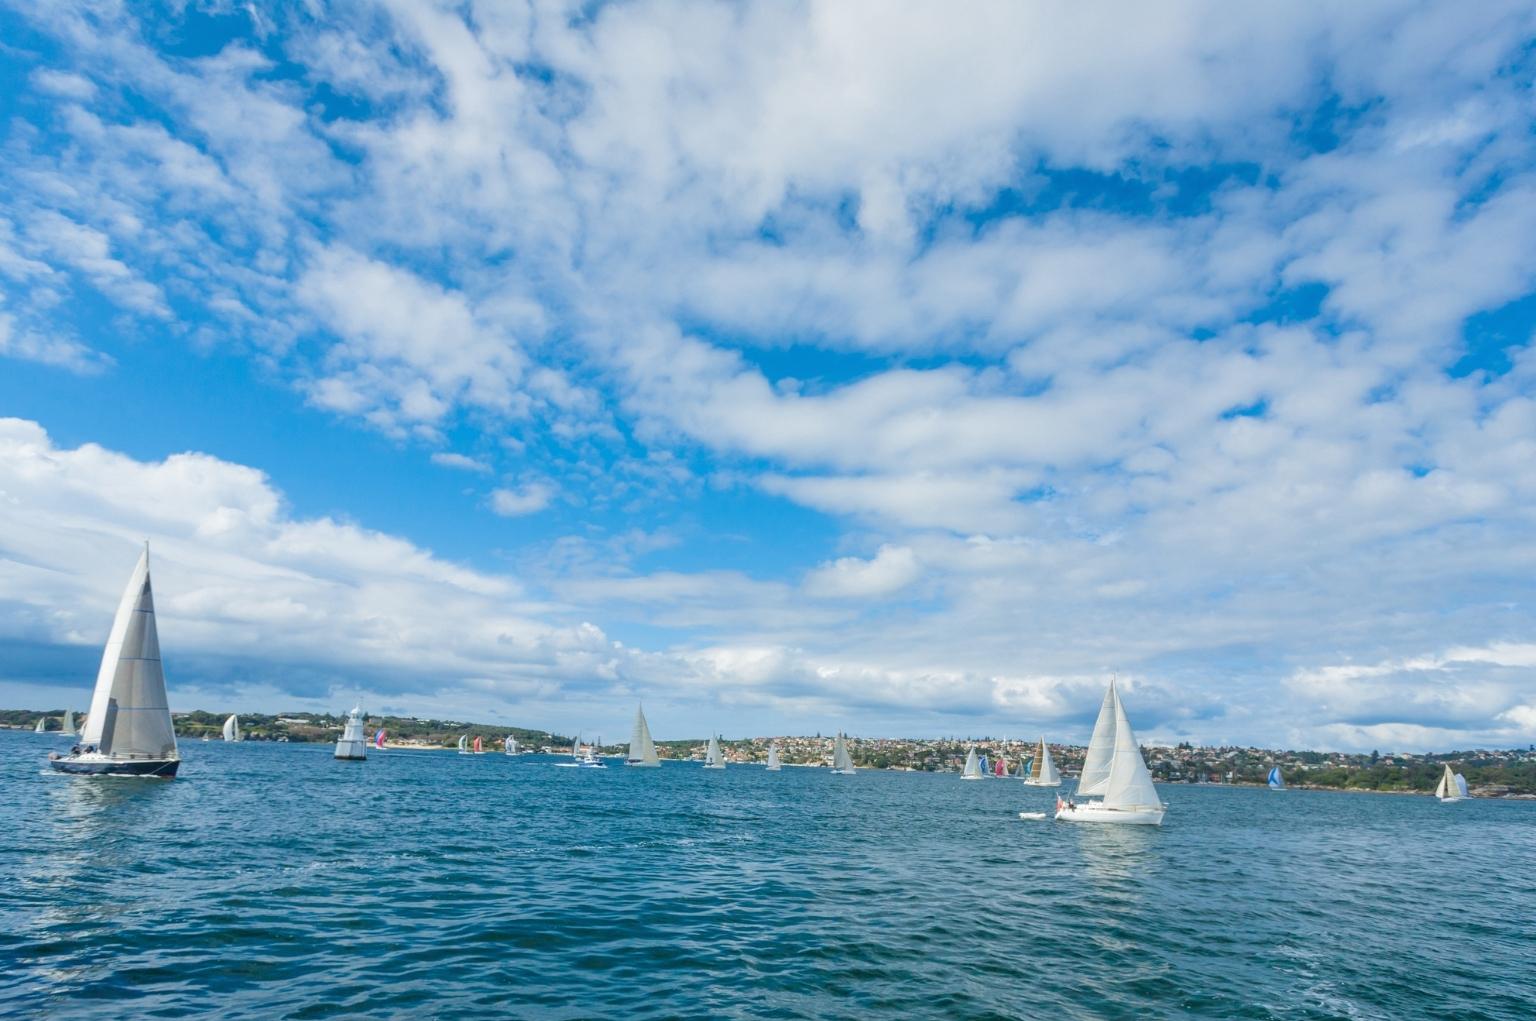 Sydney International Regatta